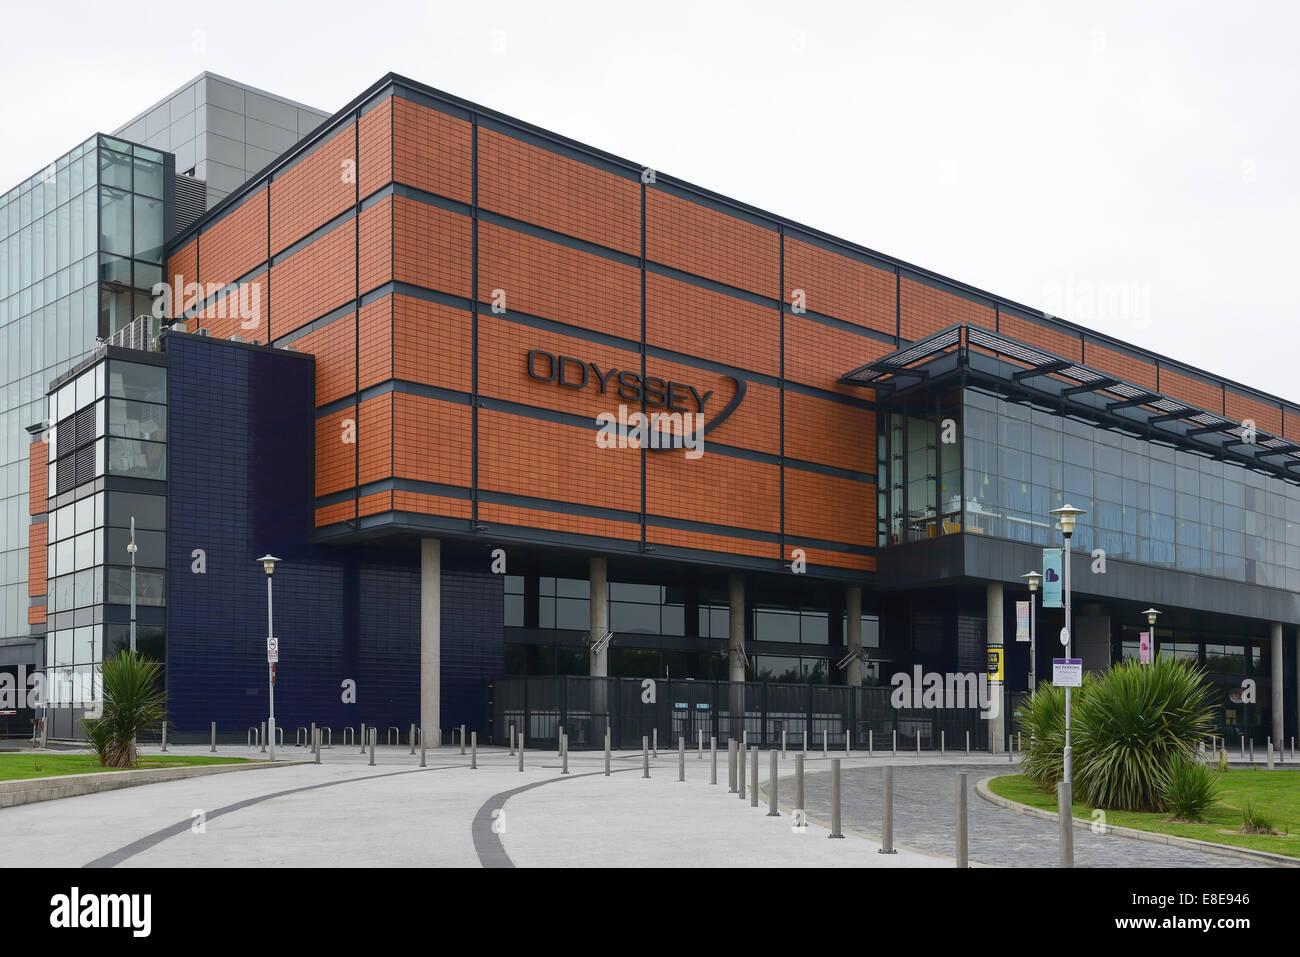 Odyssey Arena de divertissement Belfast Irlande du Nord UK Photo Stock